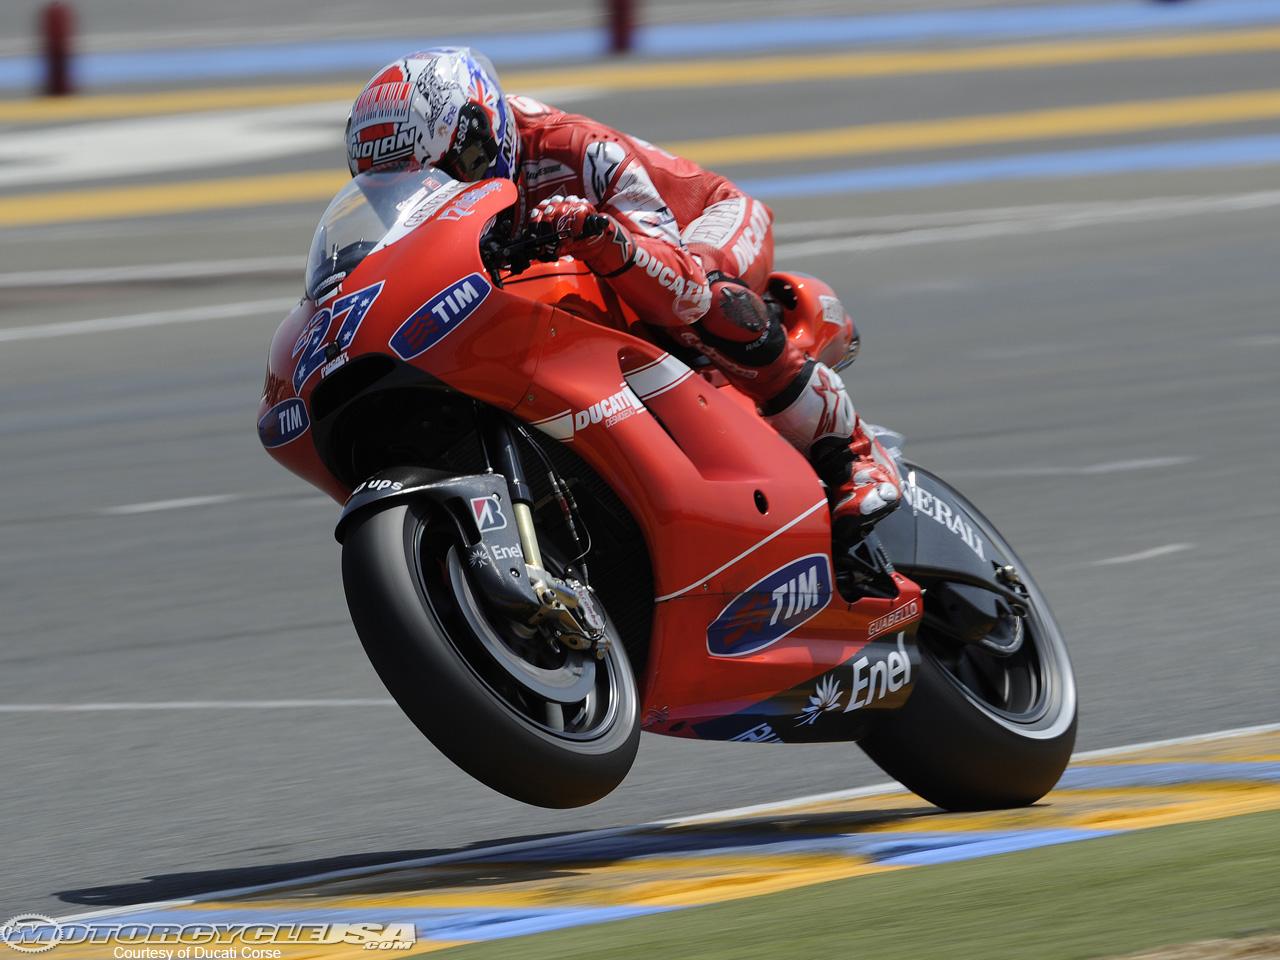 Download HQ MotoGP Wallpaper Num 21 1280 x 960 321 Kb 1280x960